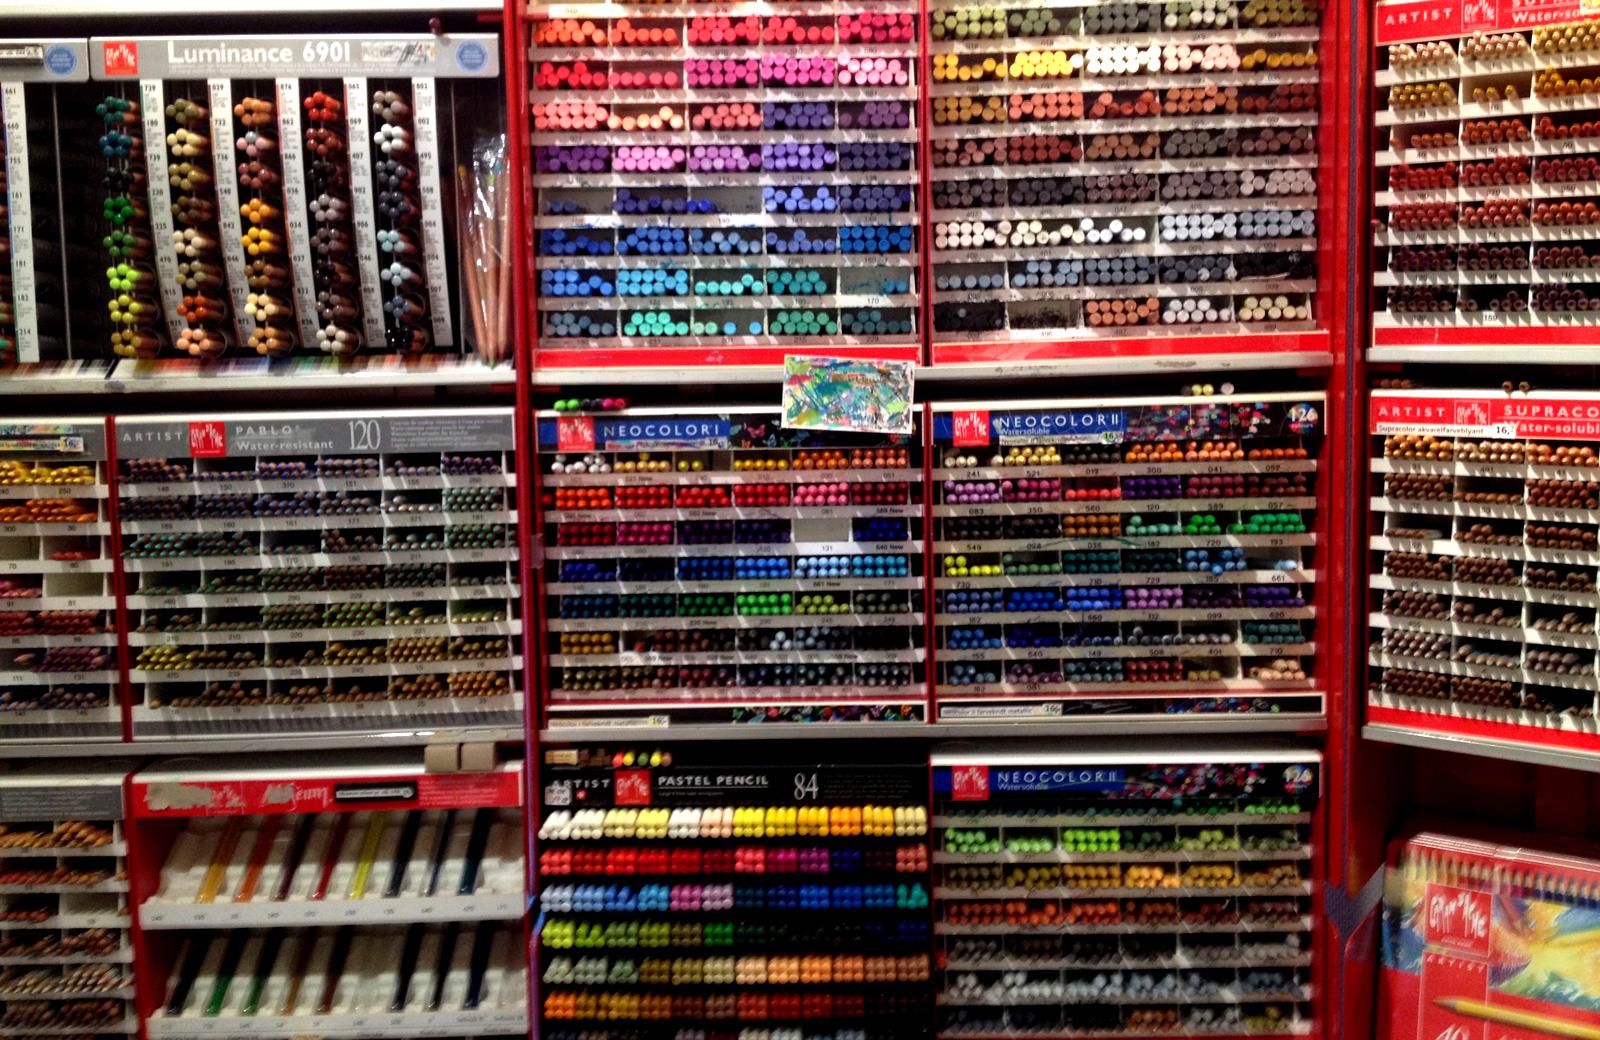 art supplies store